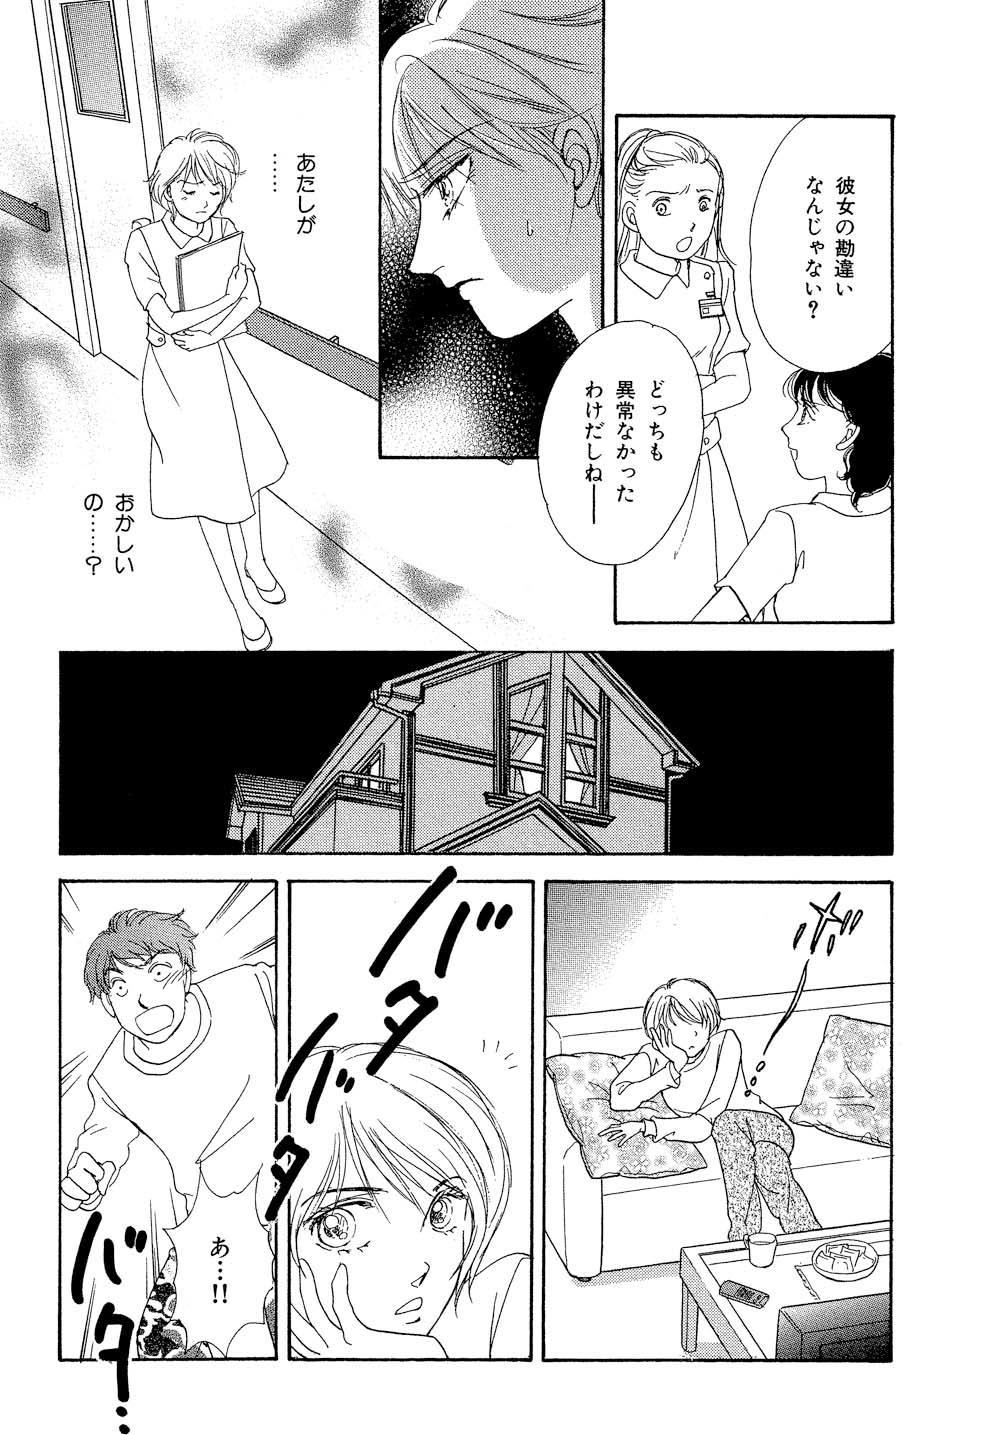 hakui_0001_0161.jpg